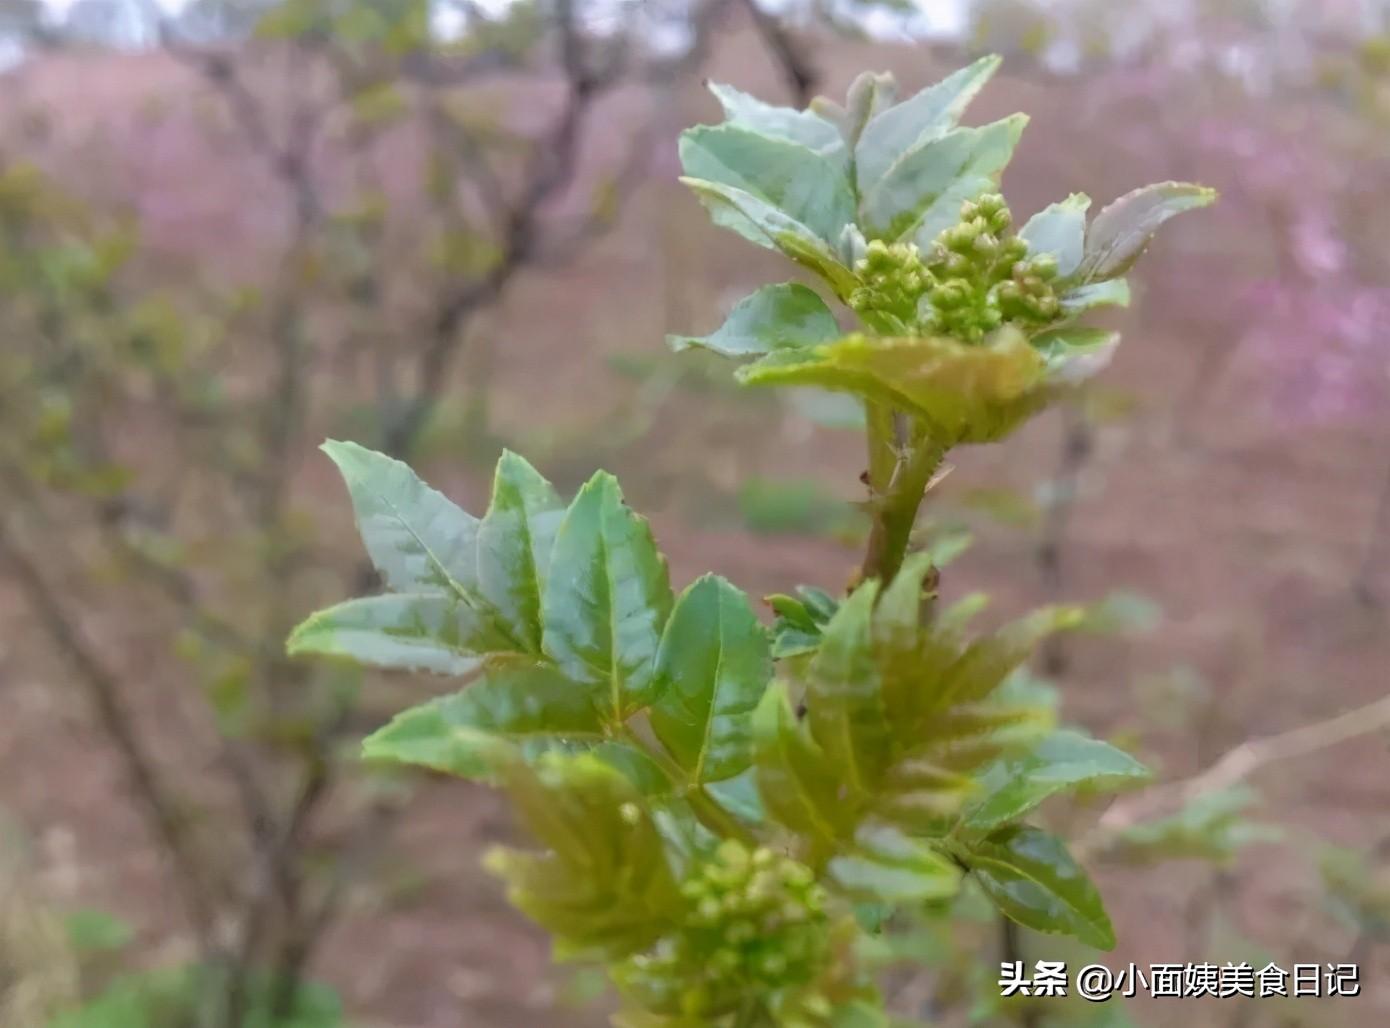 阳春三月,这6样春菜记得吃,季节性强,早吃早尝鲜,健康过春天 美食做法 第6张